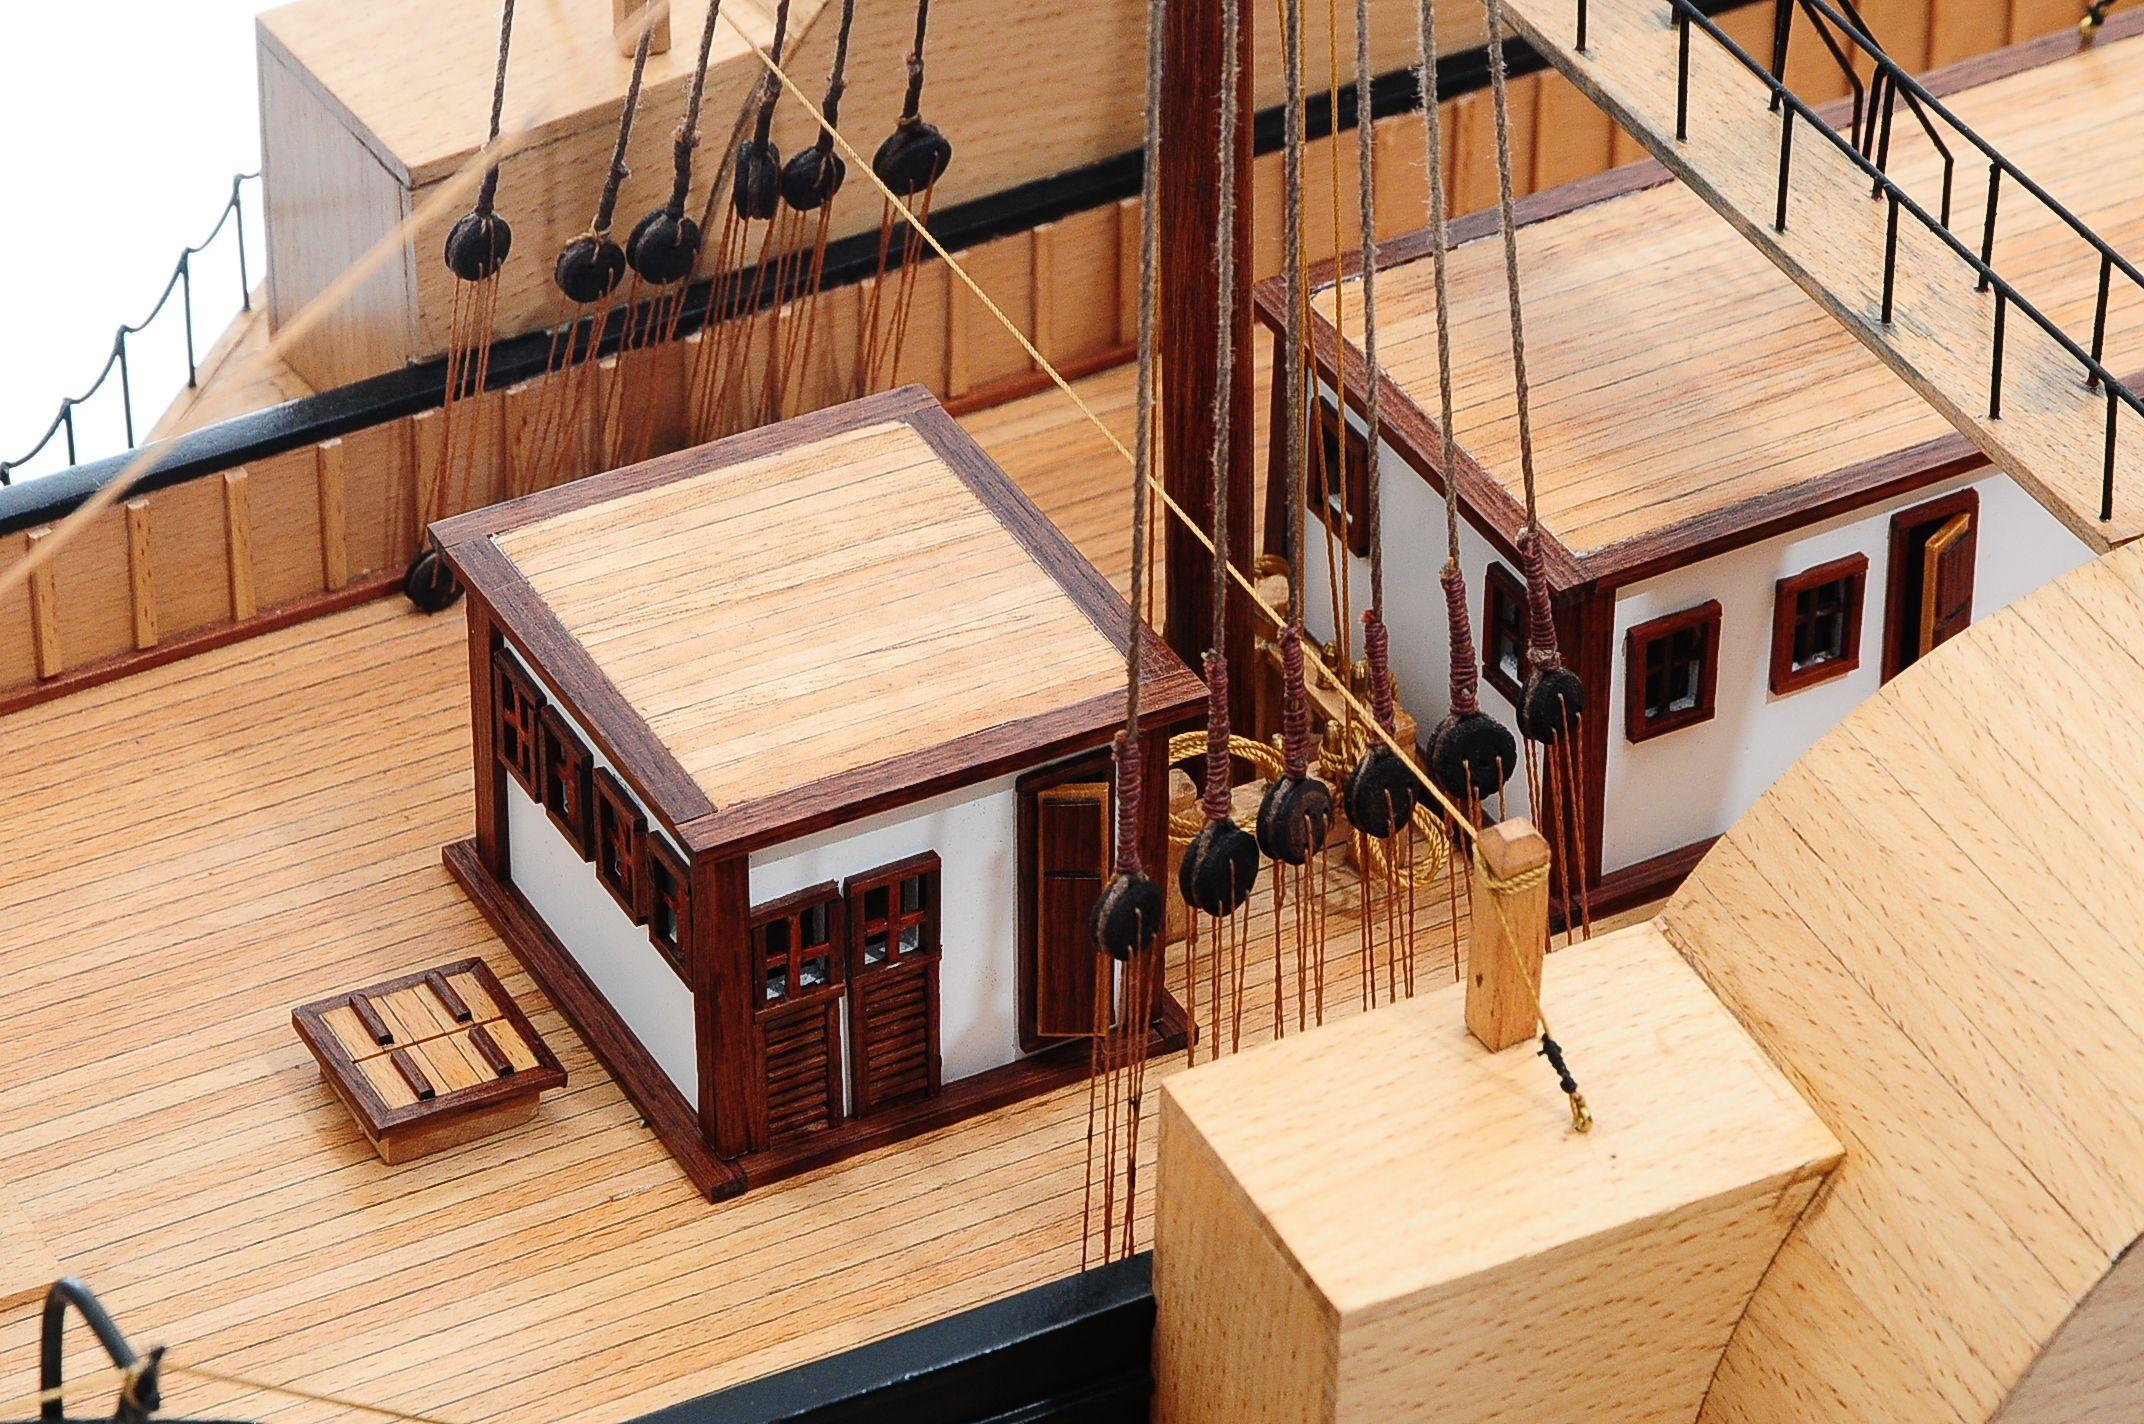 668-8649-California-Model-Ship-Premier-Range